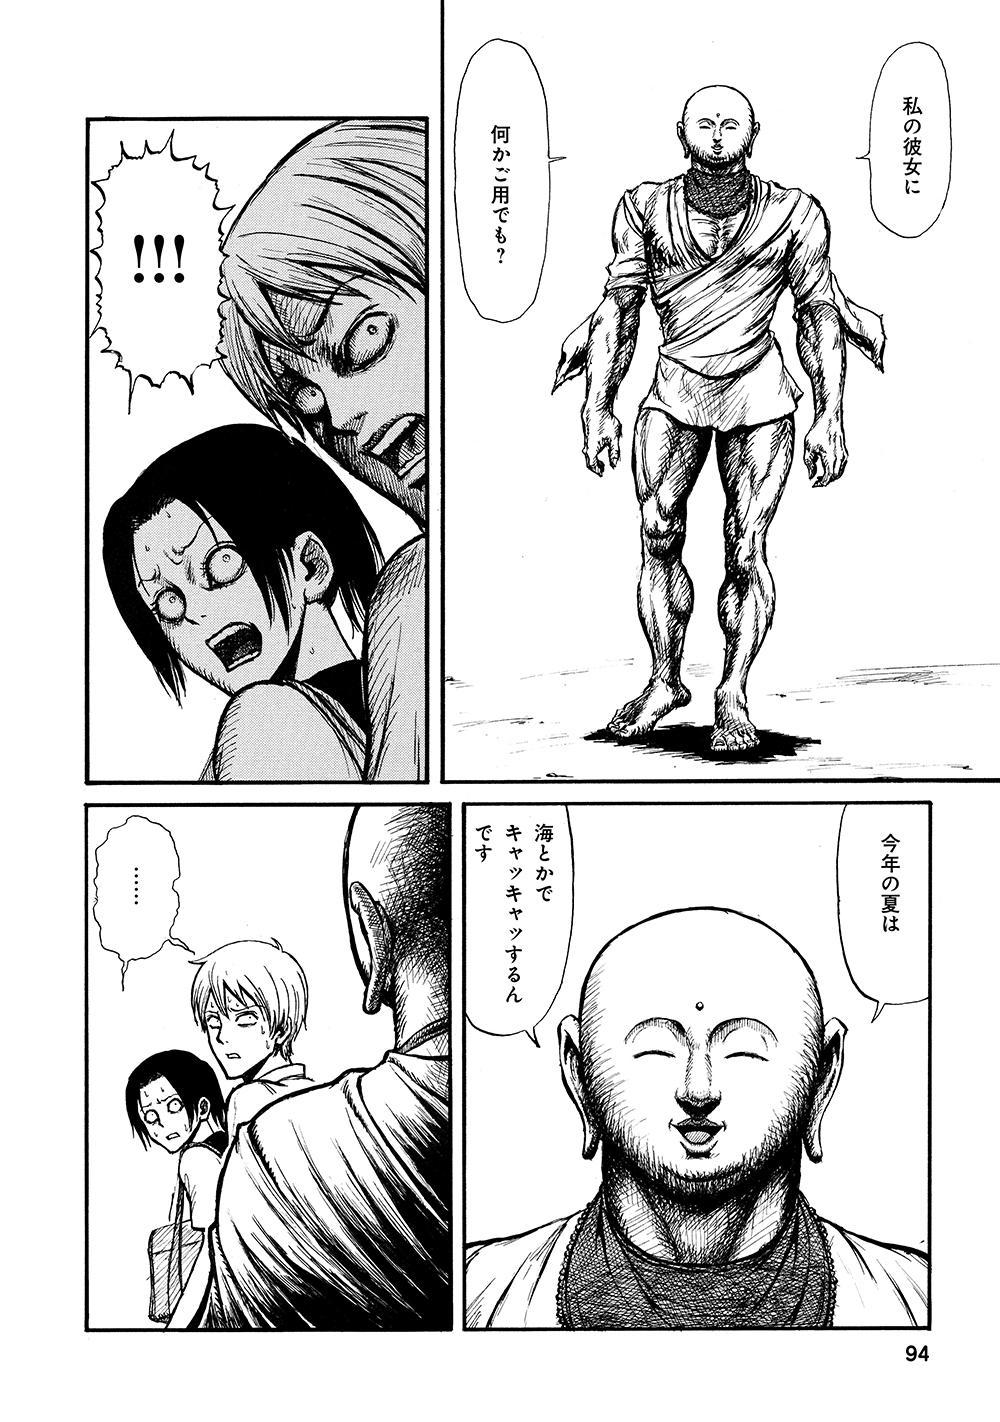 未知庵1_094.jpg